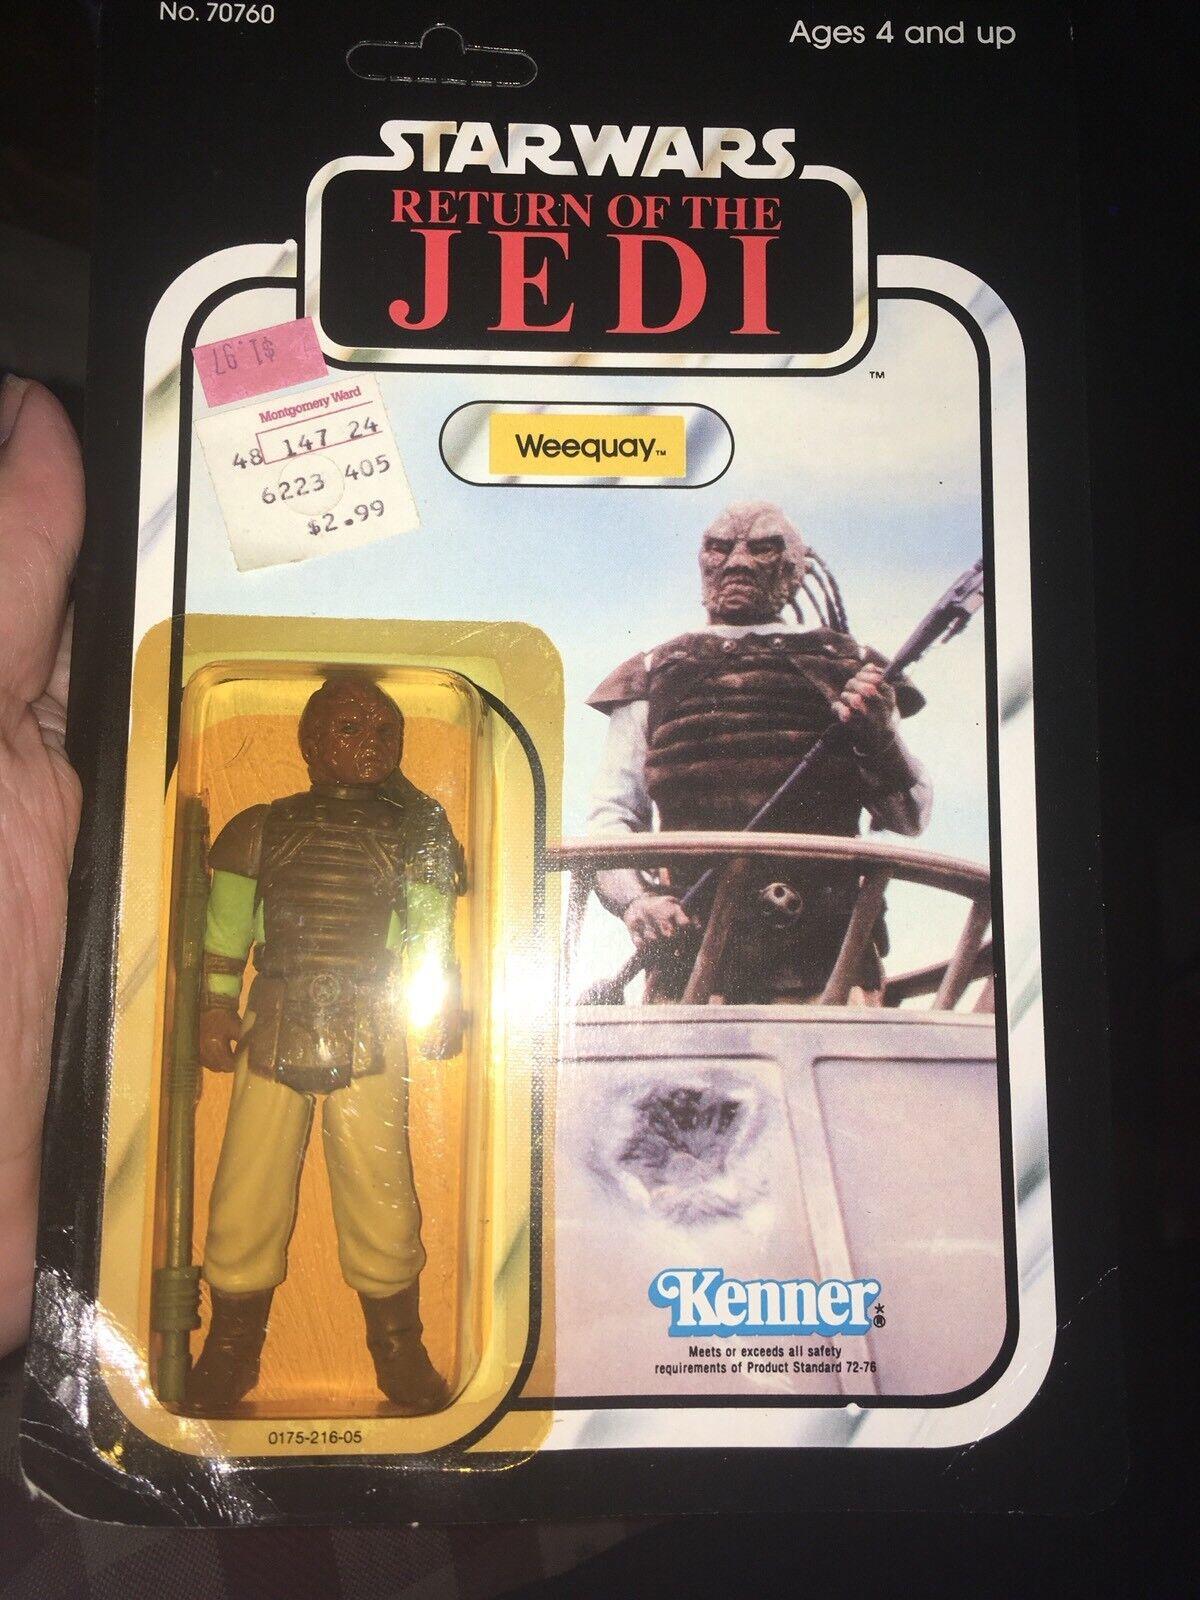 para proporcionarle una compra en línea agradable Estrella wars regreso del del del Jedi Vintage Weequay Regreso del Jedi menta en tarjeta 1983 77 Como Nuevo  autentico en linea